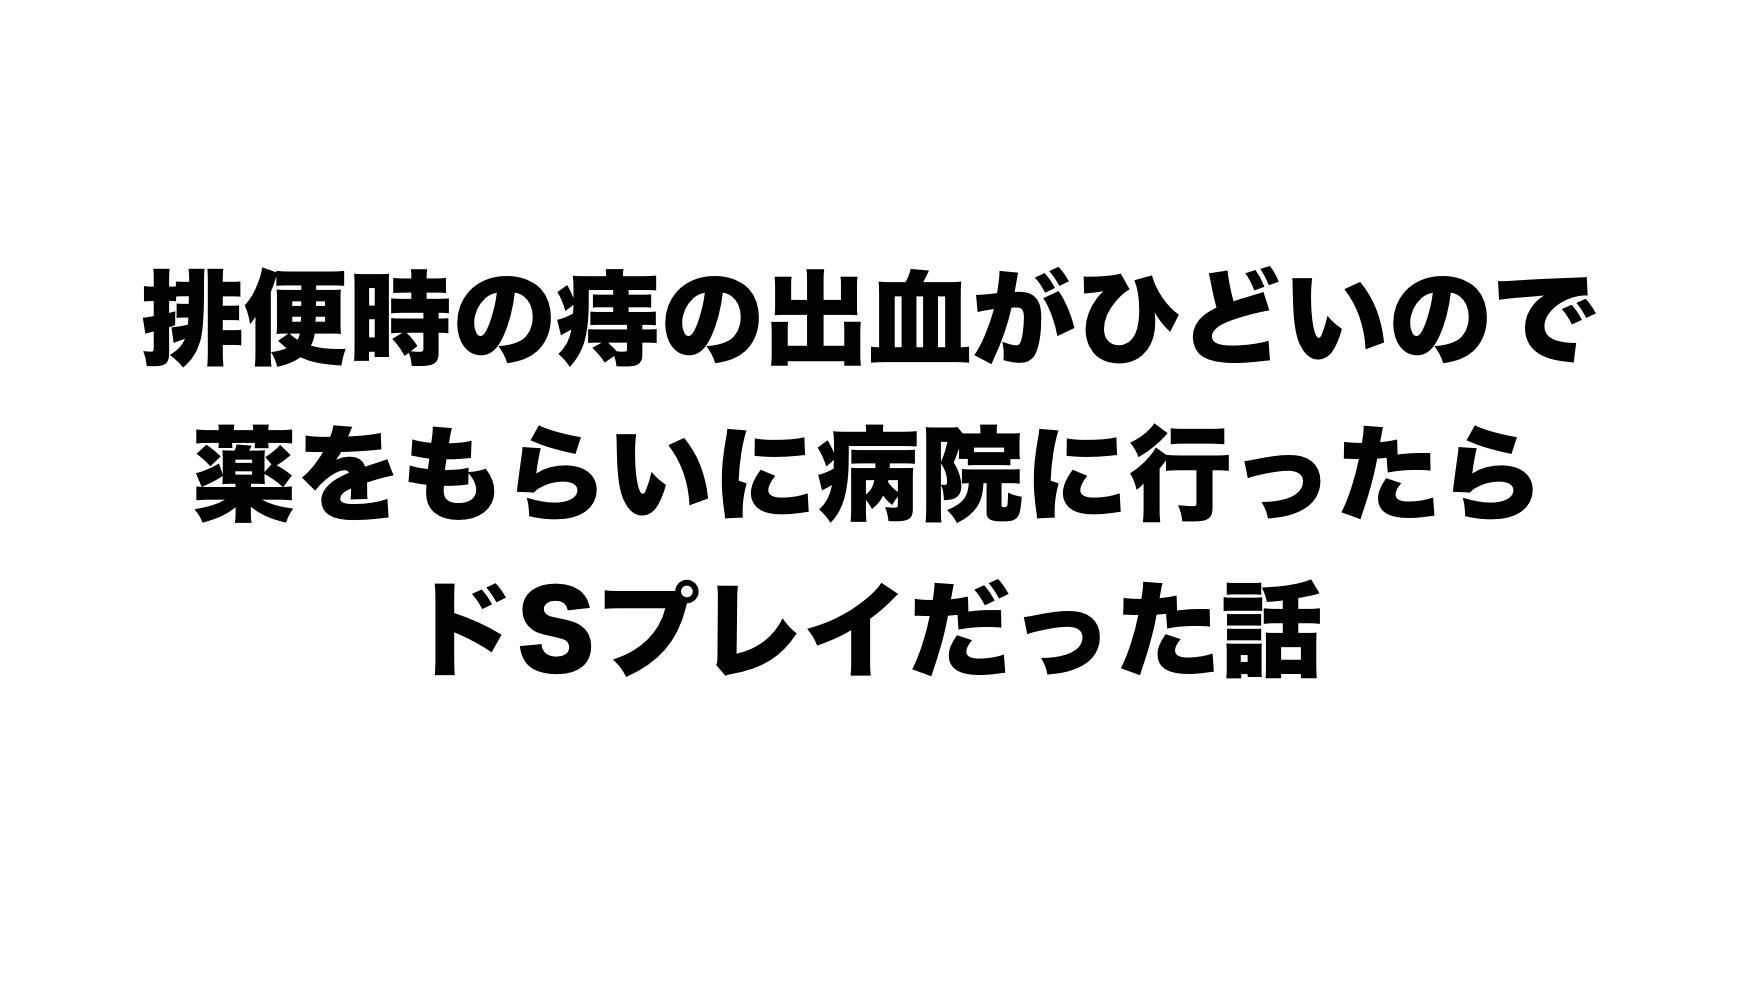 スクリーンショット 2018-09-13 14.42.45